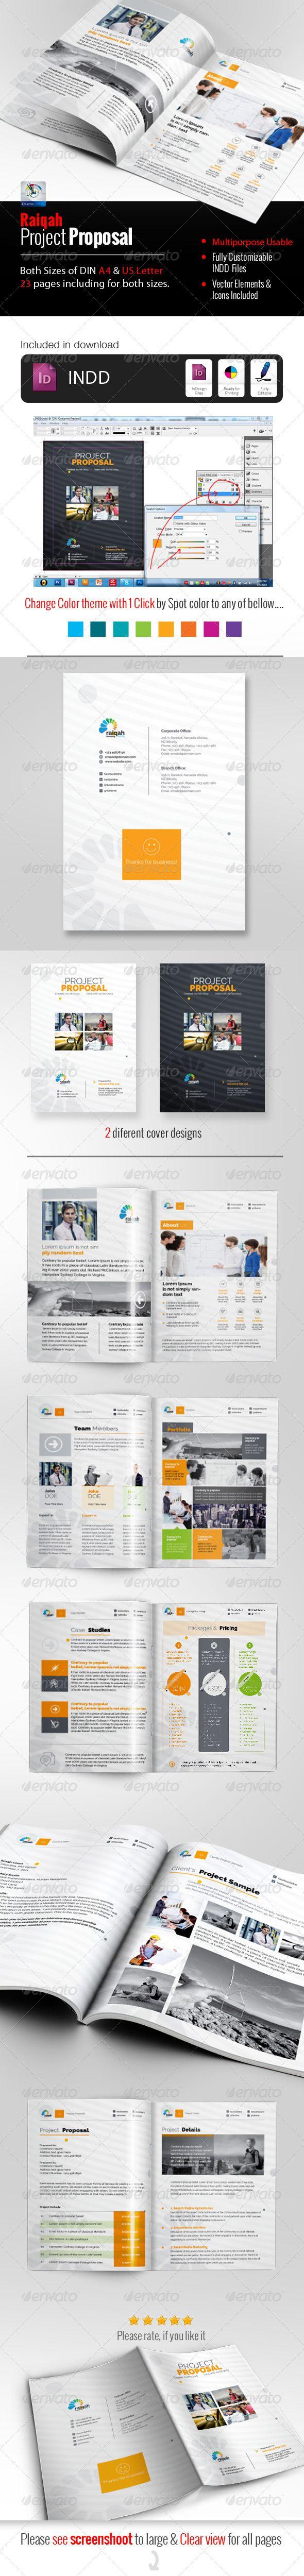 Raiqah Clean Proposal Creative u0026 Clean Corporate